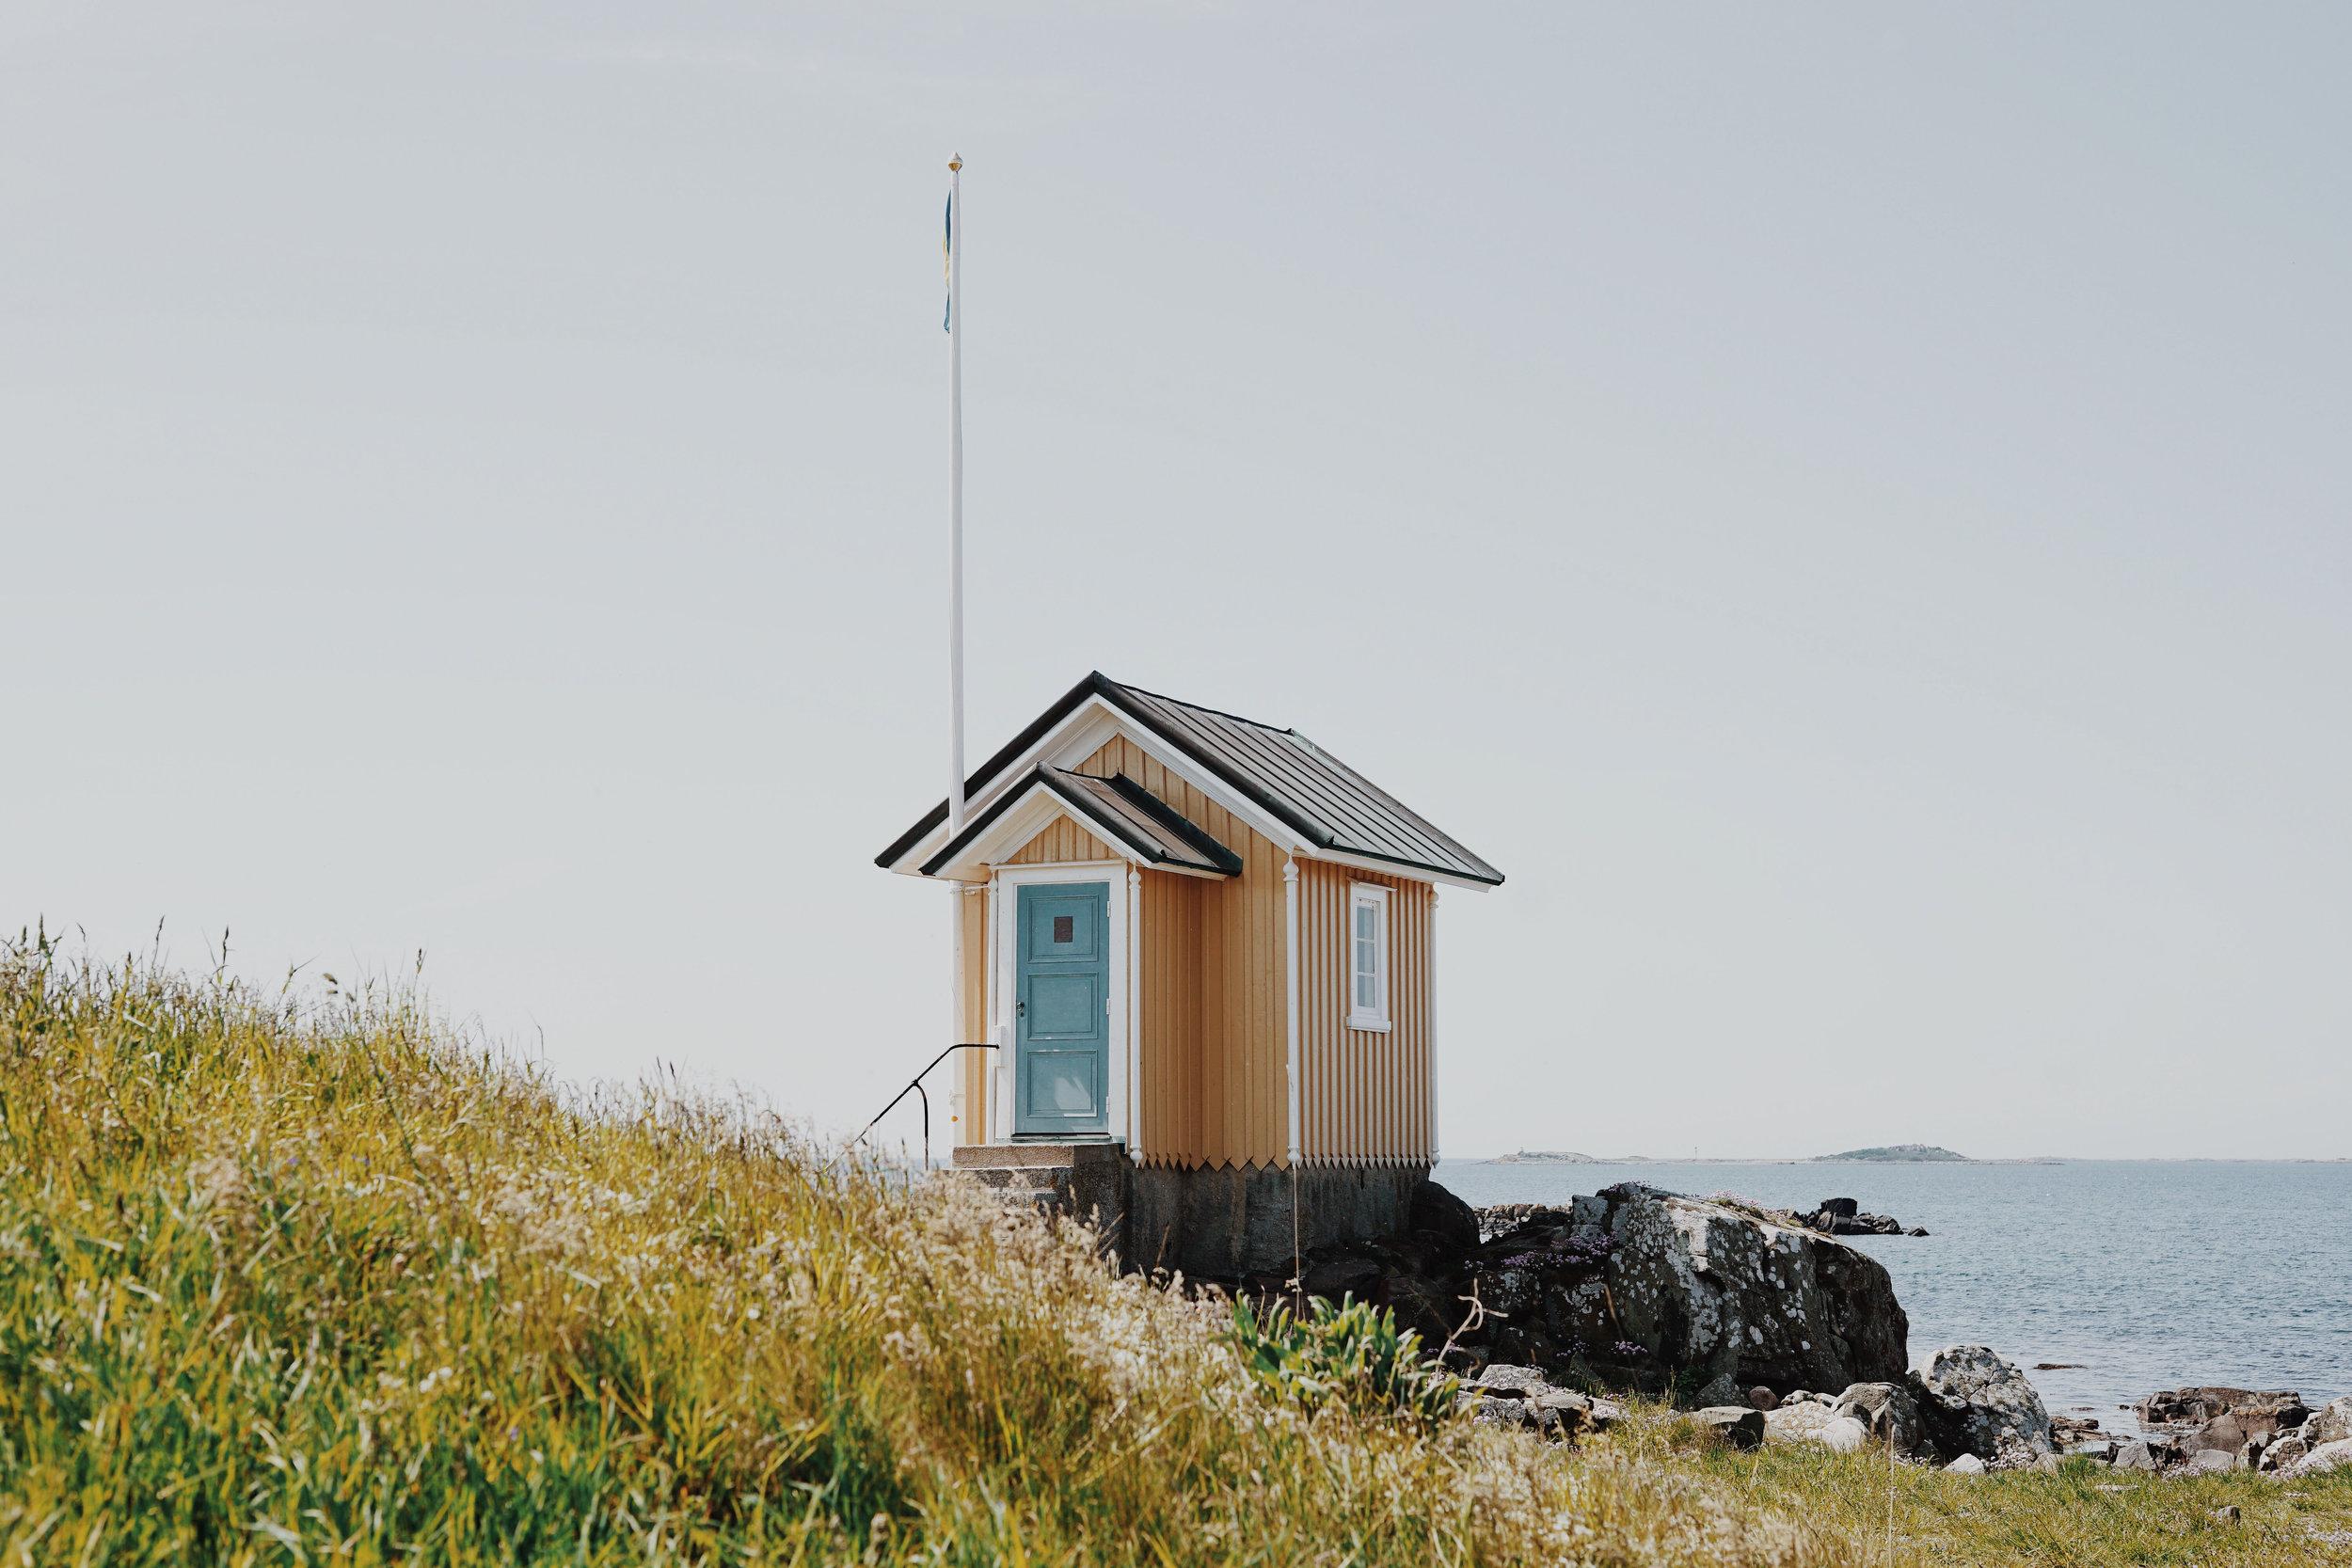 ASROSENVINGE_VisitSkane_Sweden_Torekov_Seaside_LowRes-225.jpg